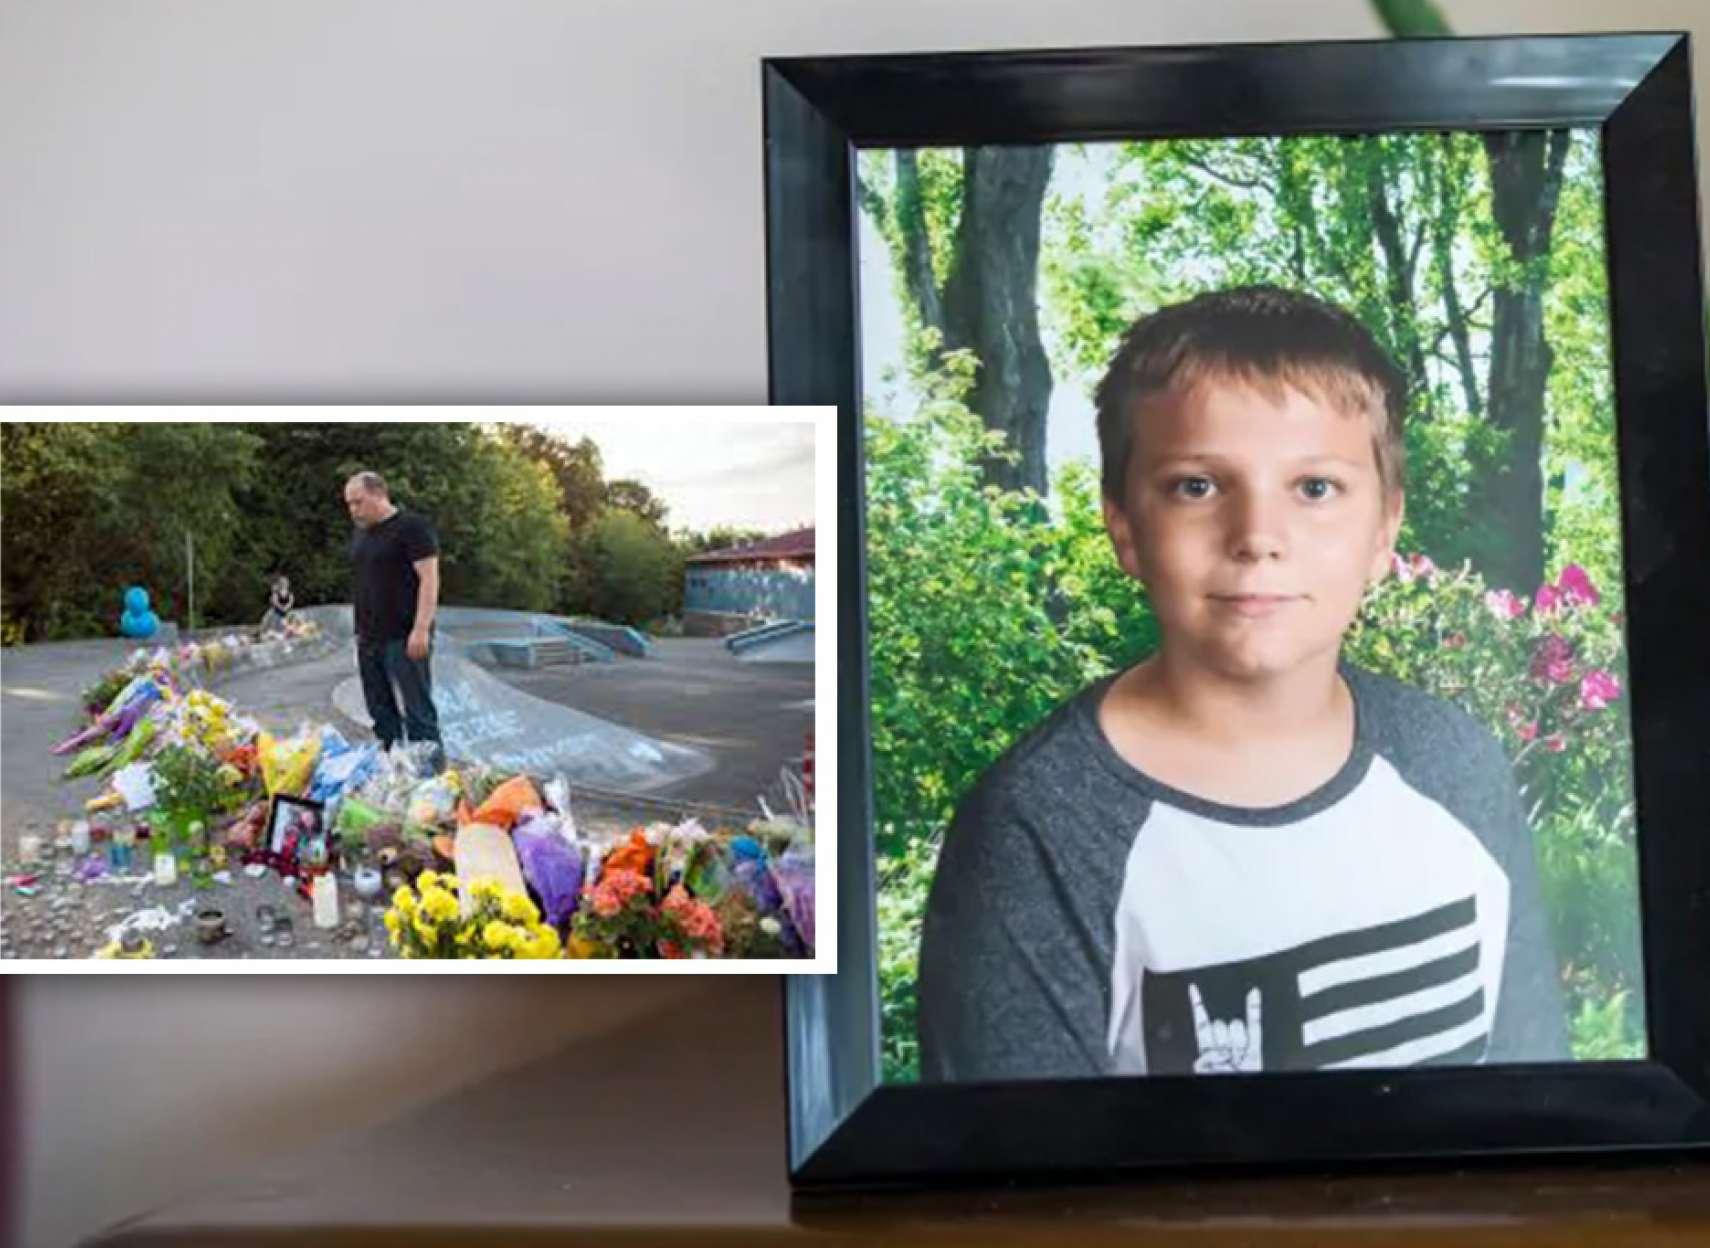 اخبار-کانادا-مرگ-پسر-14-ساله-بر-اثر-مصرف-بیش-از-حد-مواد-مخدر